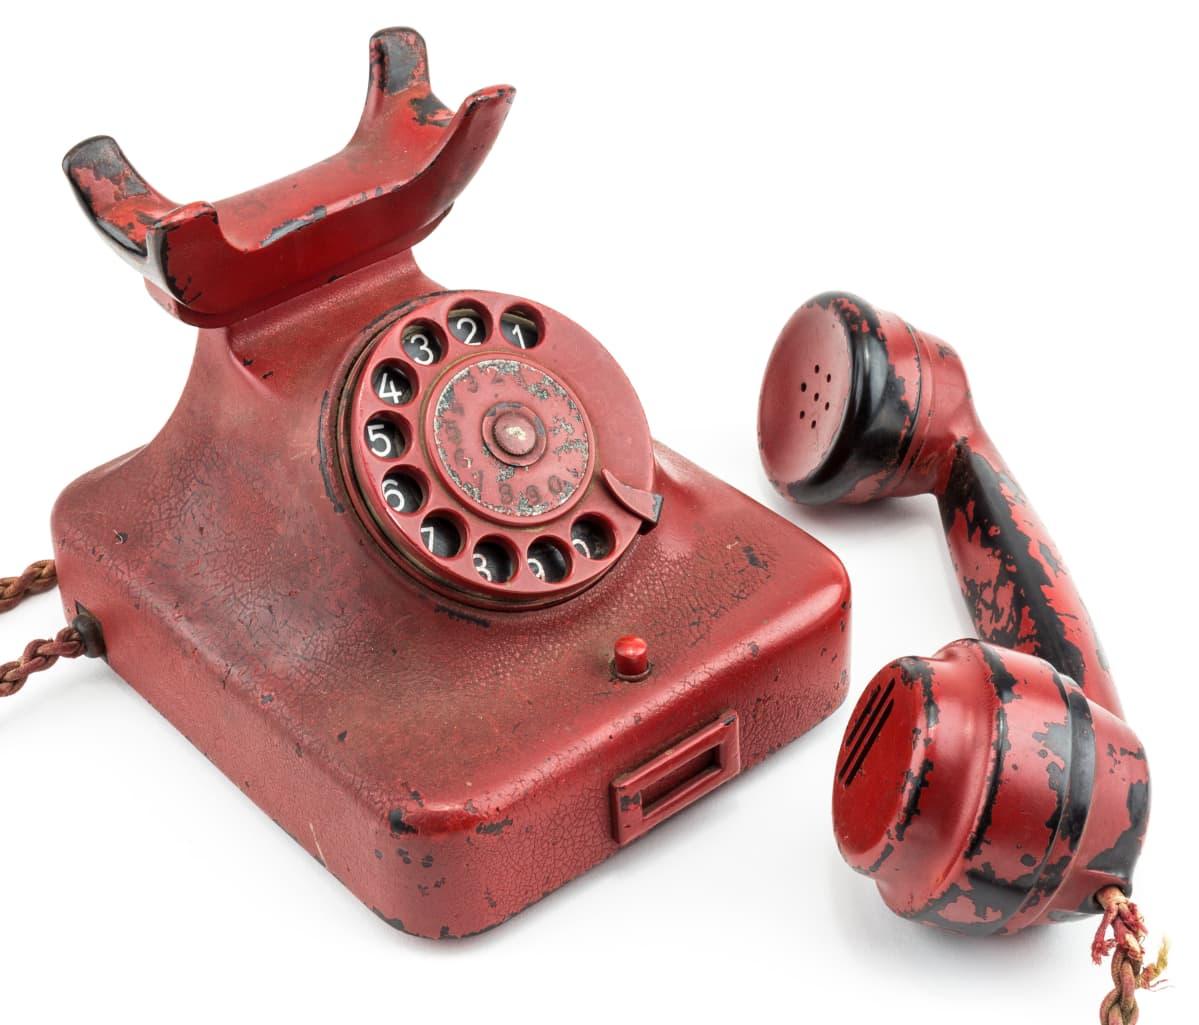 Natsi-Saksan johtajan Adolf Hitlerin puhelin huutokaupataan 18.–19. helmikuuta 2017 Yhdysvalloissa Marylandissa.